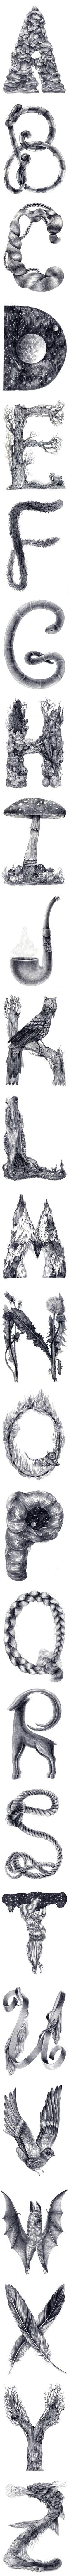 Drawing Typography by Eika Dopludo